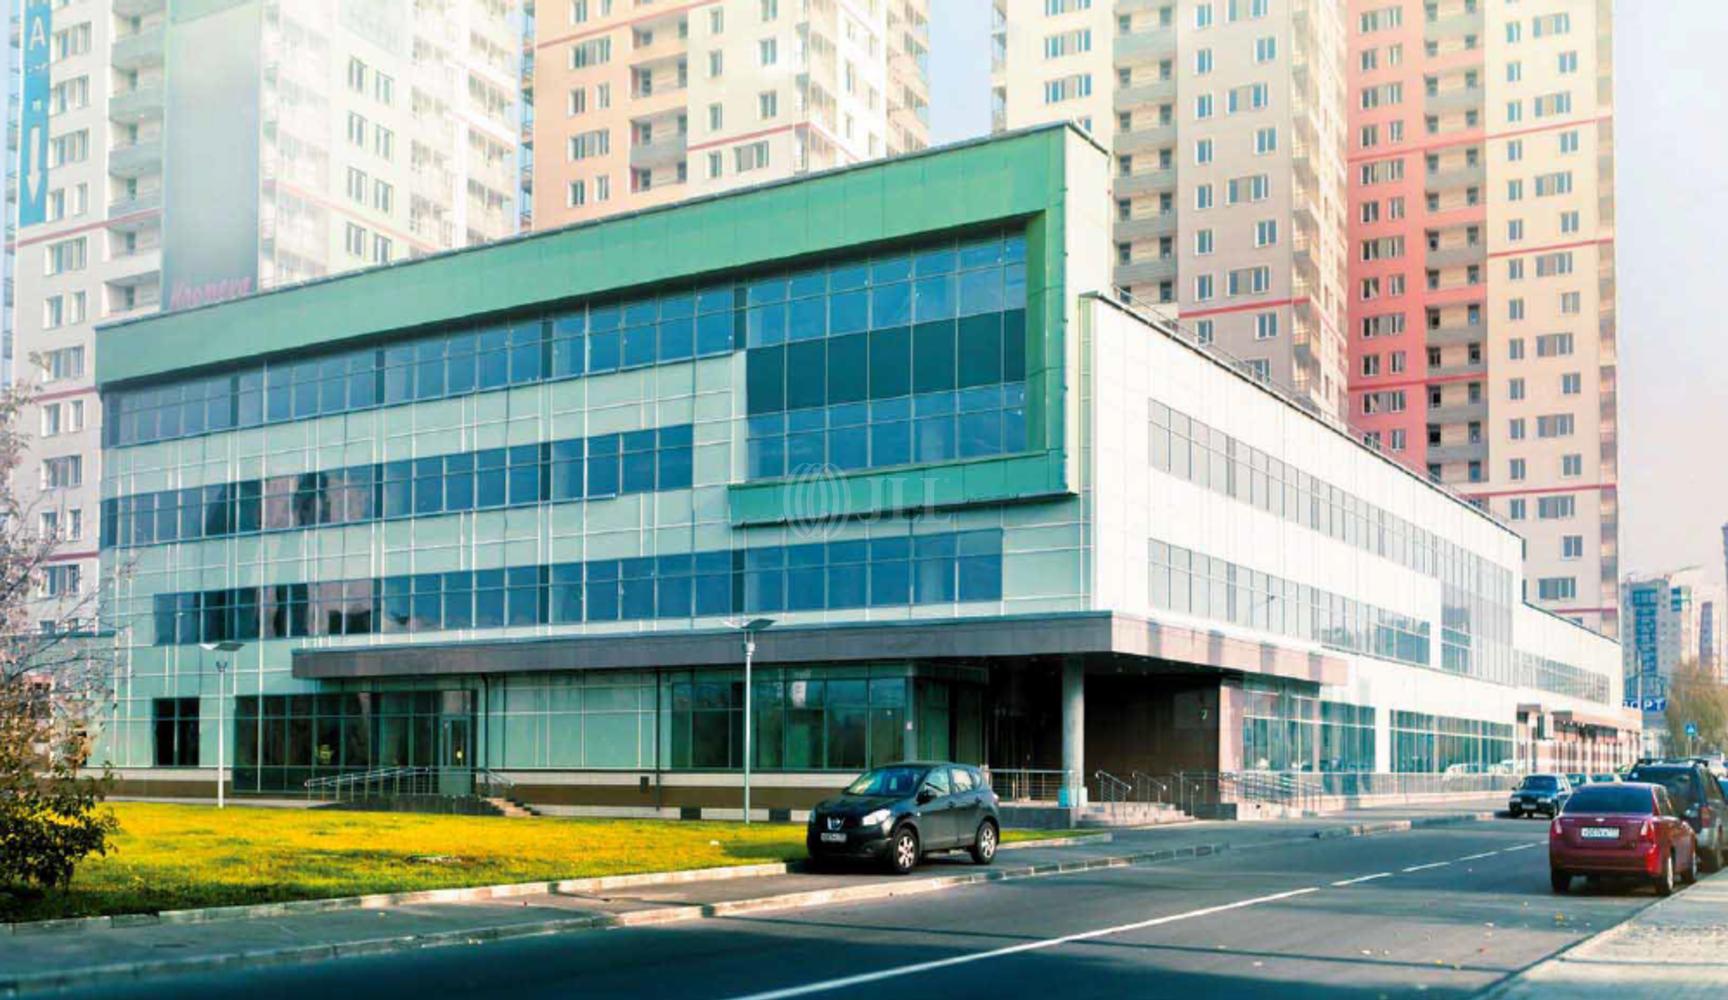 Офисная недвижимость Москва - Чемпион Парк